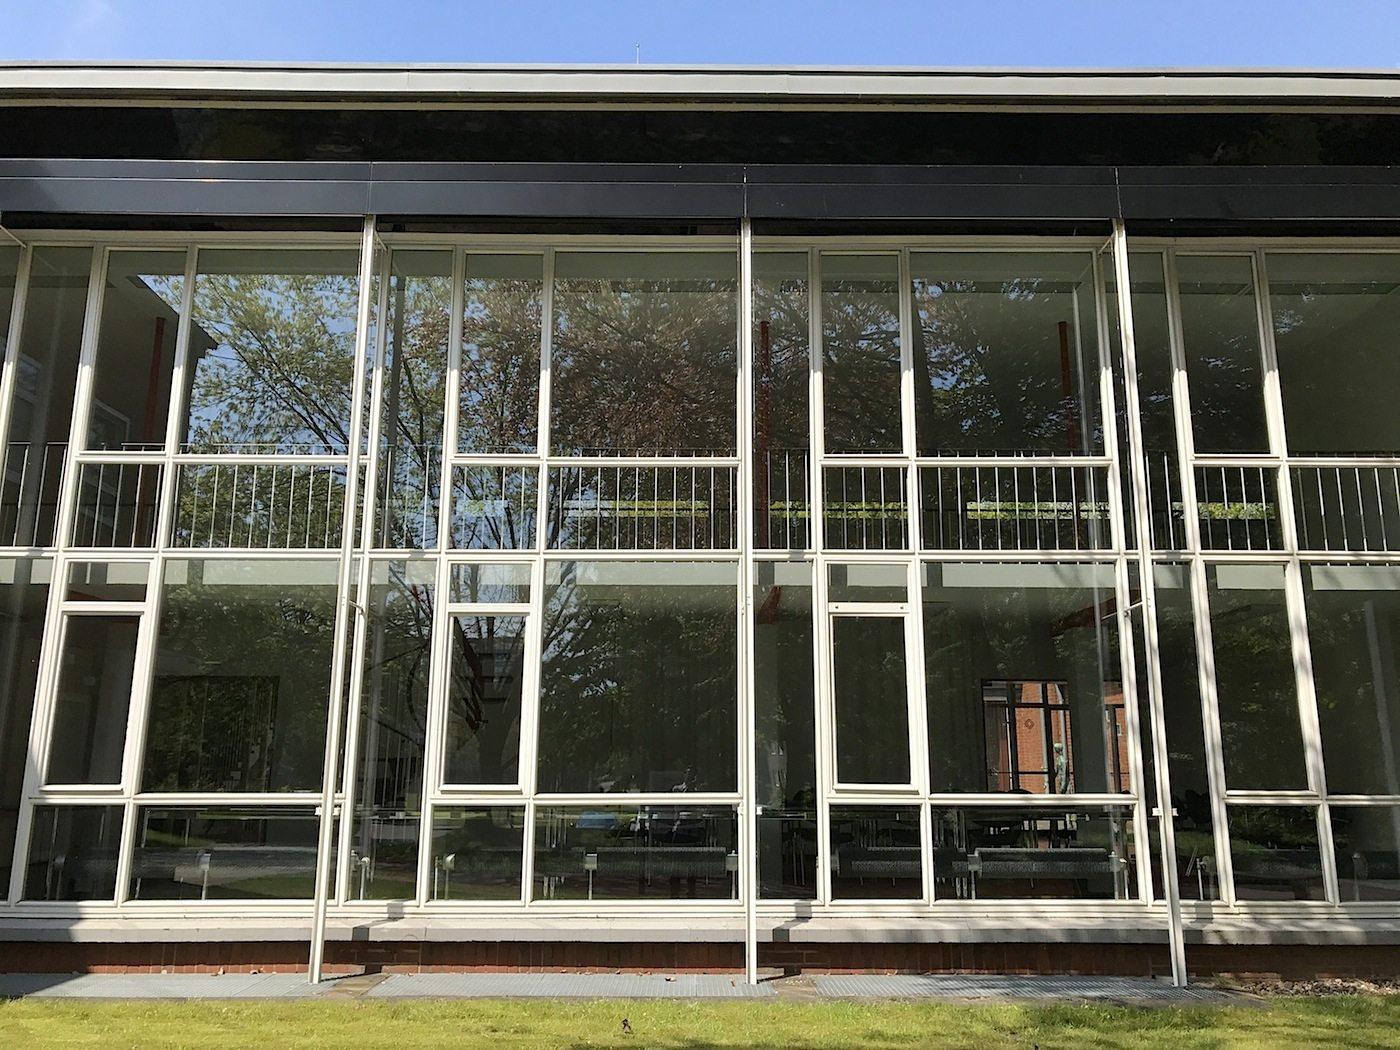 Grimme-Institut. Transparenz, Leichtigkeit und die gelungene Mischung aus Glas, Stahl und Klinker machen den Bau aus, der 2005 saniert wurde.